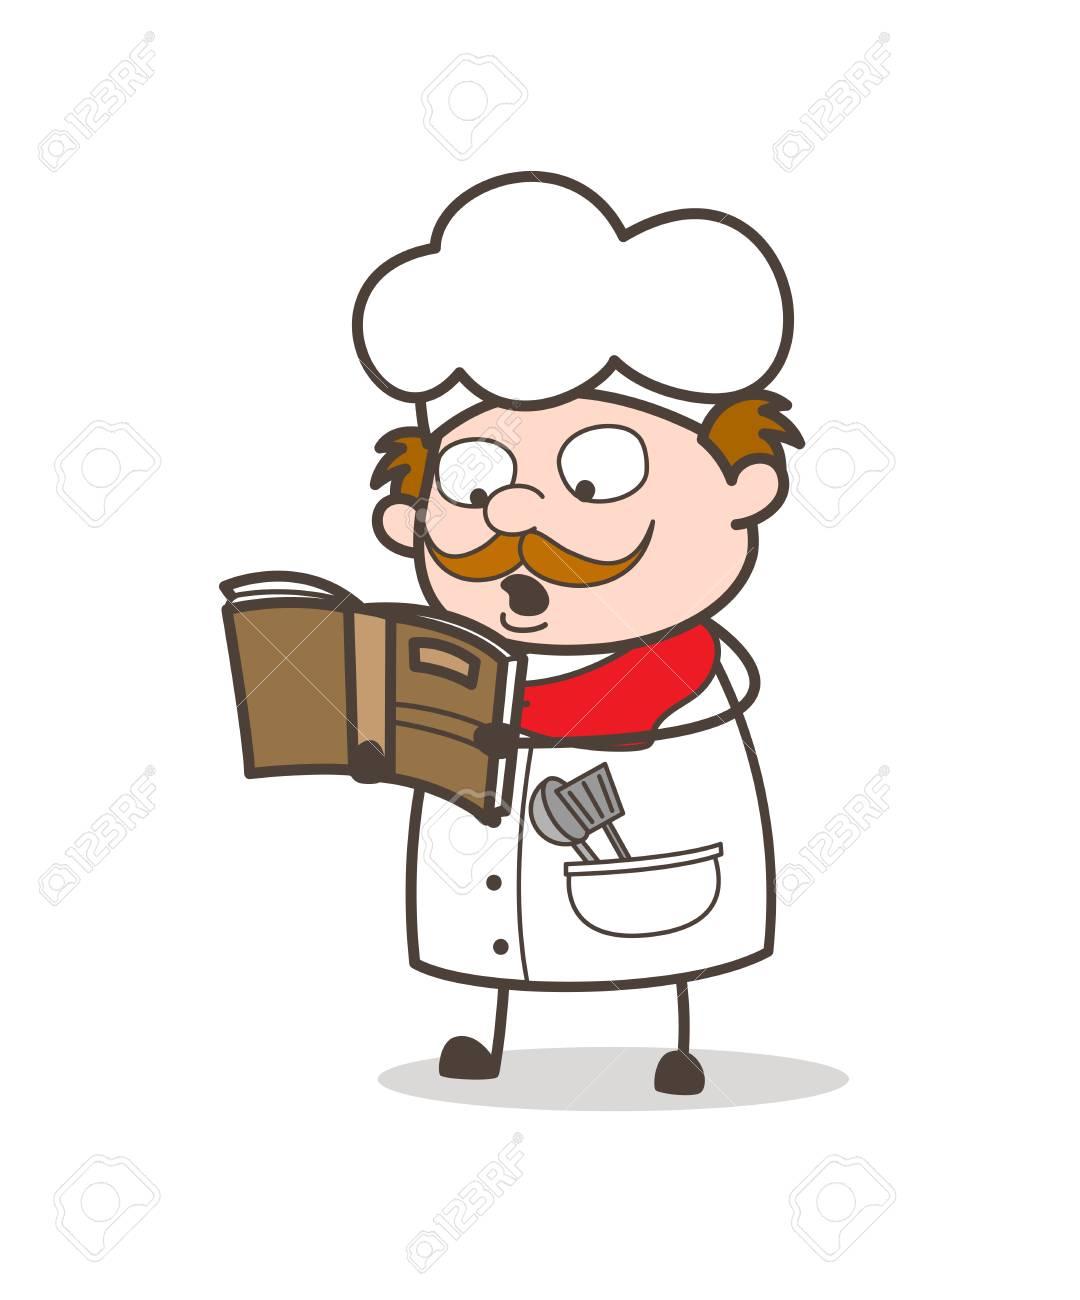 Livre De Recettes De Dessin Anime Chef De Cuisine Pour La Cuisine